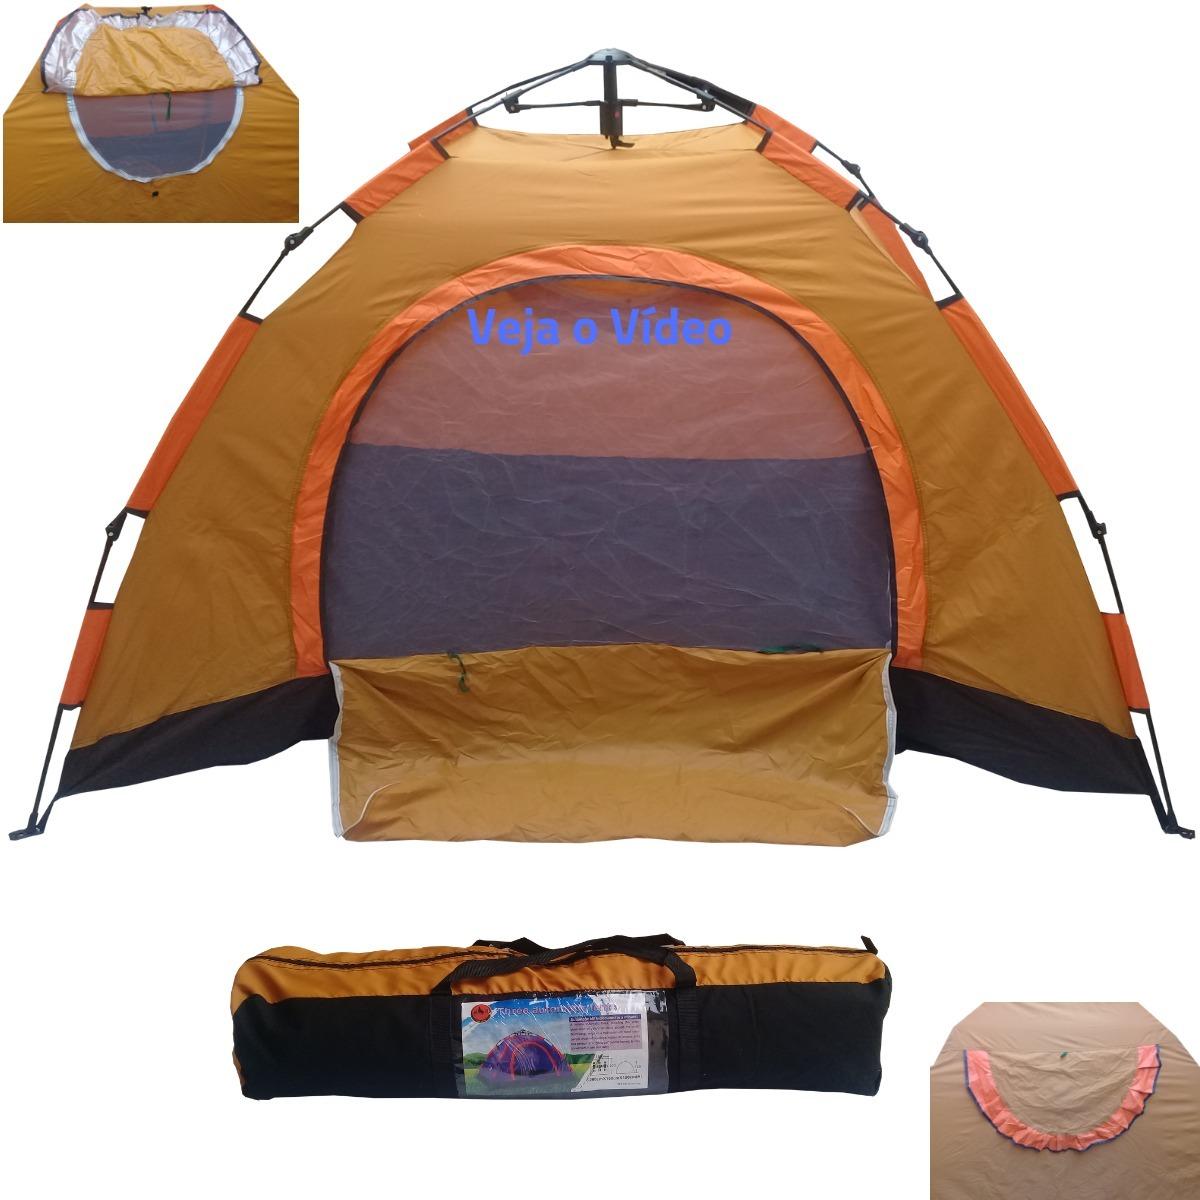 5df66c36f tenda barraca automática iglu 3 pessoas promoção. Carregando zoom.